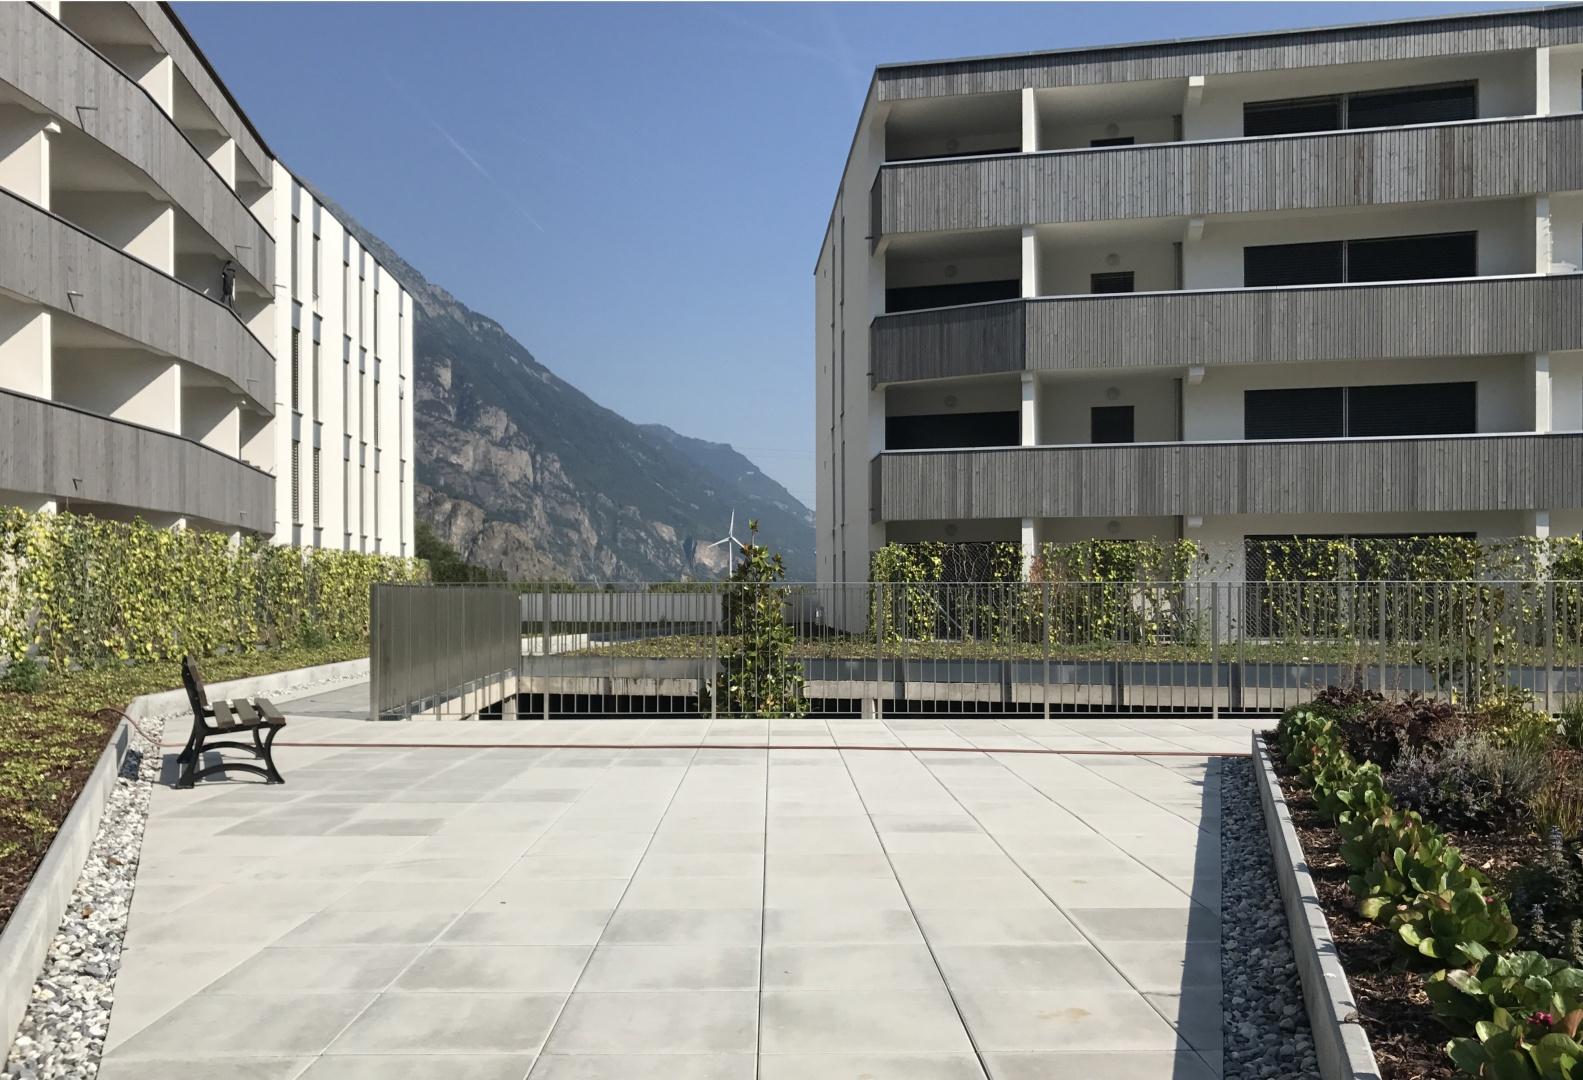 M4745_transparence_cour © Voltolini Architectures Sàrl